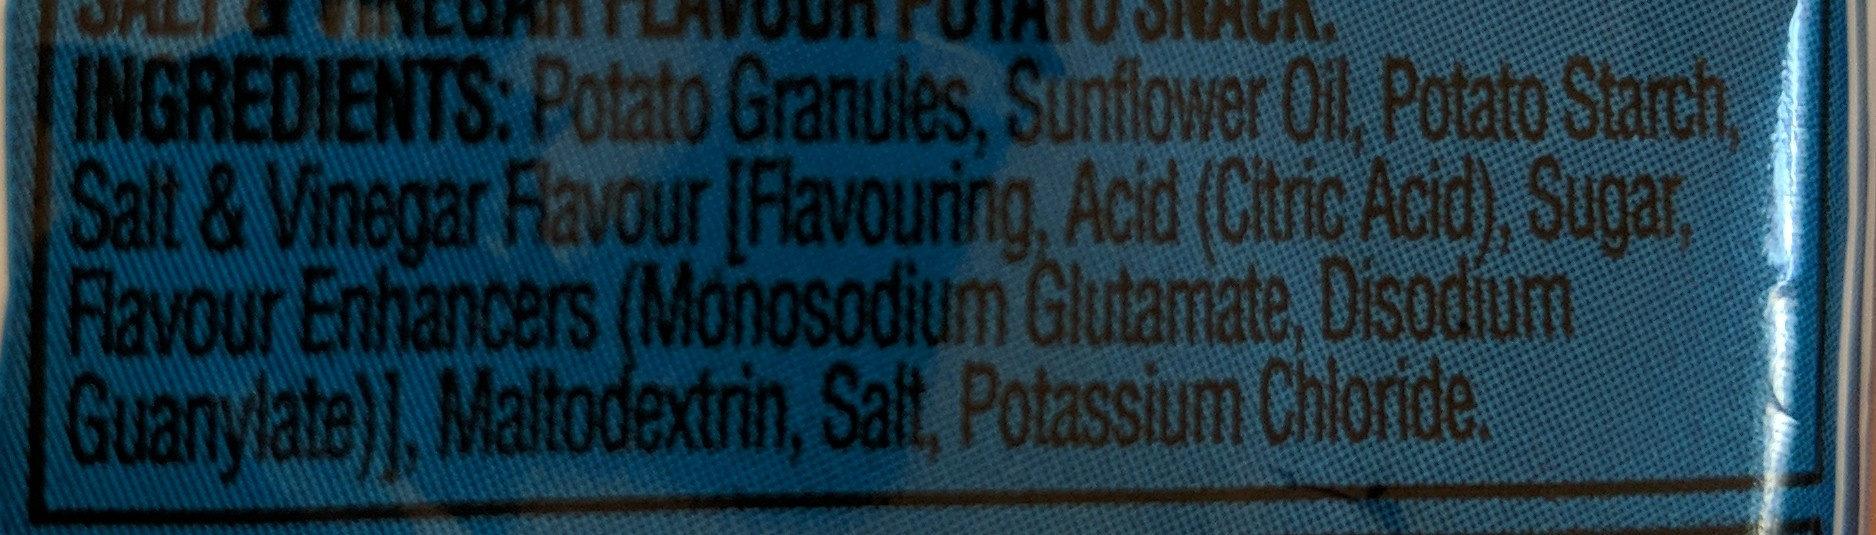 Walkers Squares Salt & Vinegar Snacks 27.5G - Ingrediënten - en